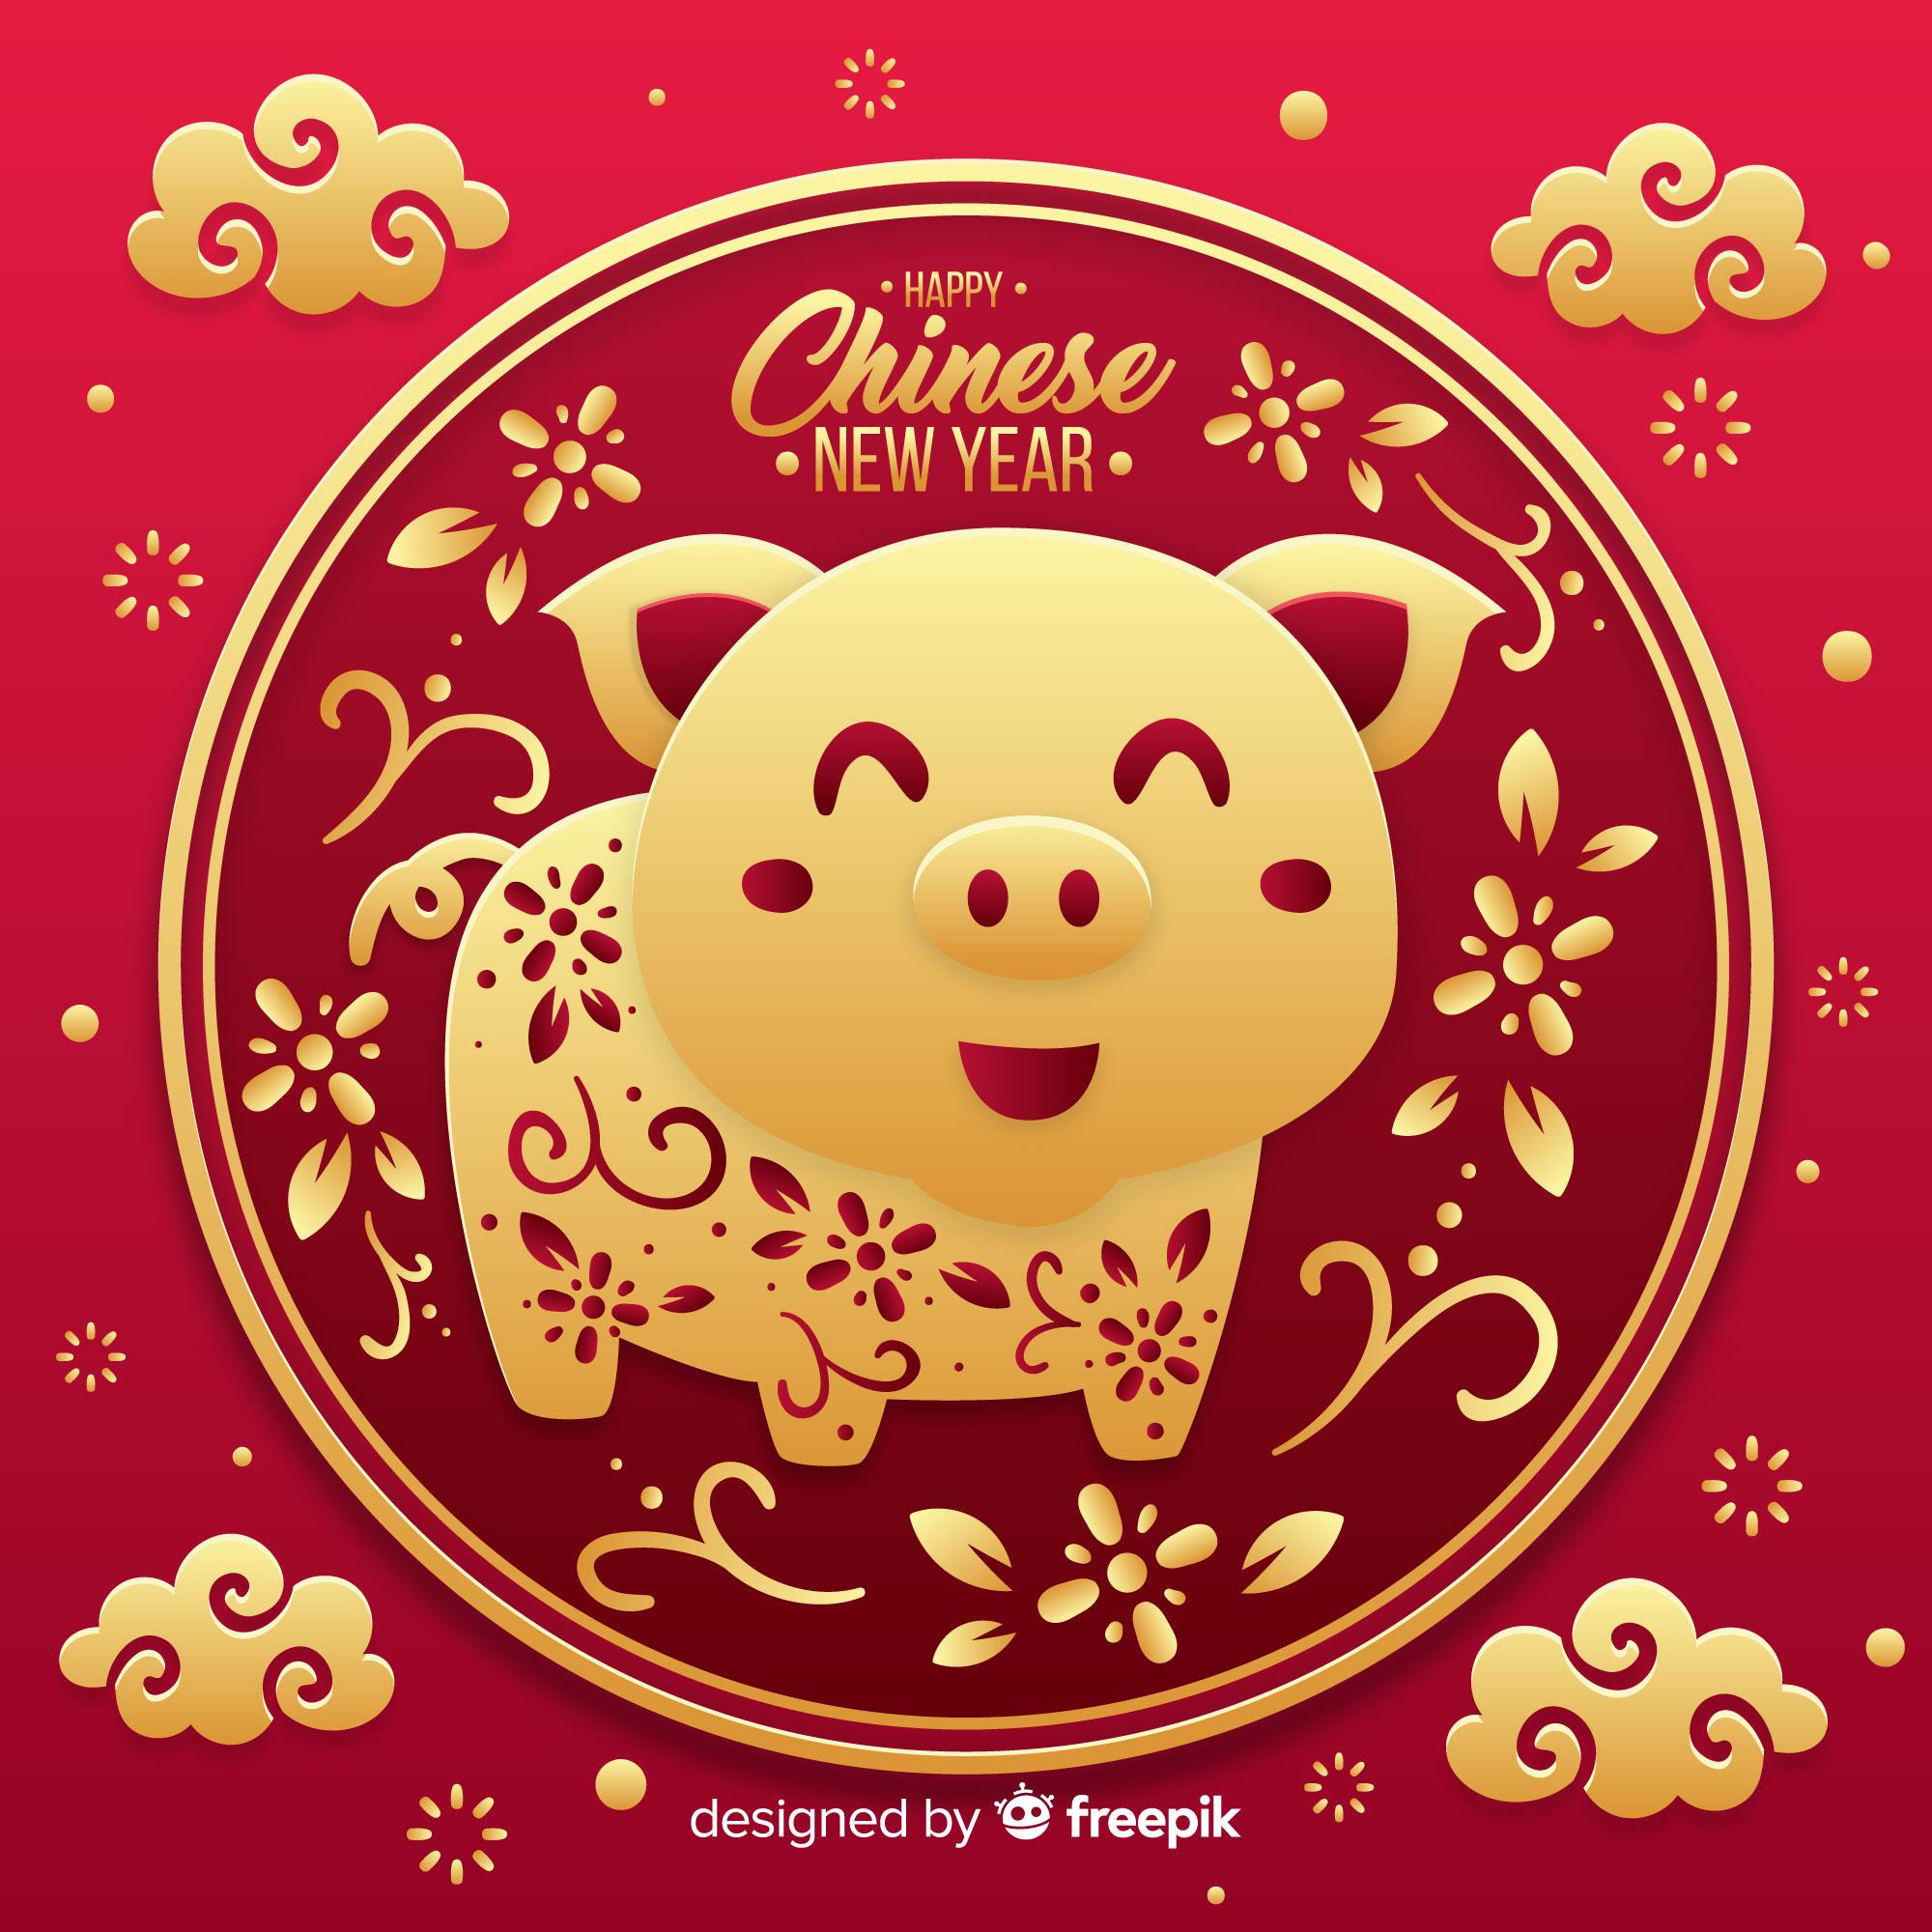 猪年(己亥年)矢量创意图形矢量素材模板 Pig Year (Hai Haiian) Vector Creative Graphic Vector Material Template [EPS]插图(2)